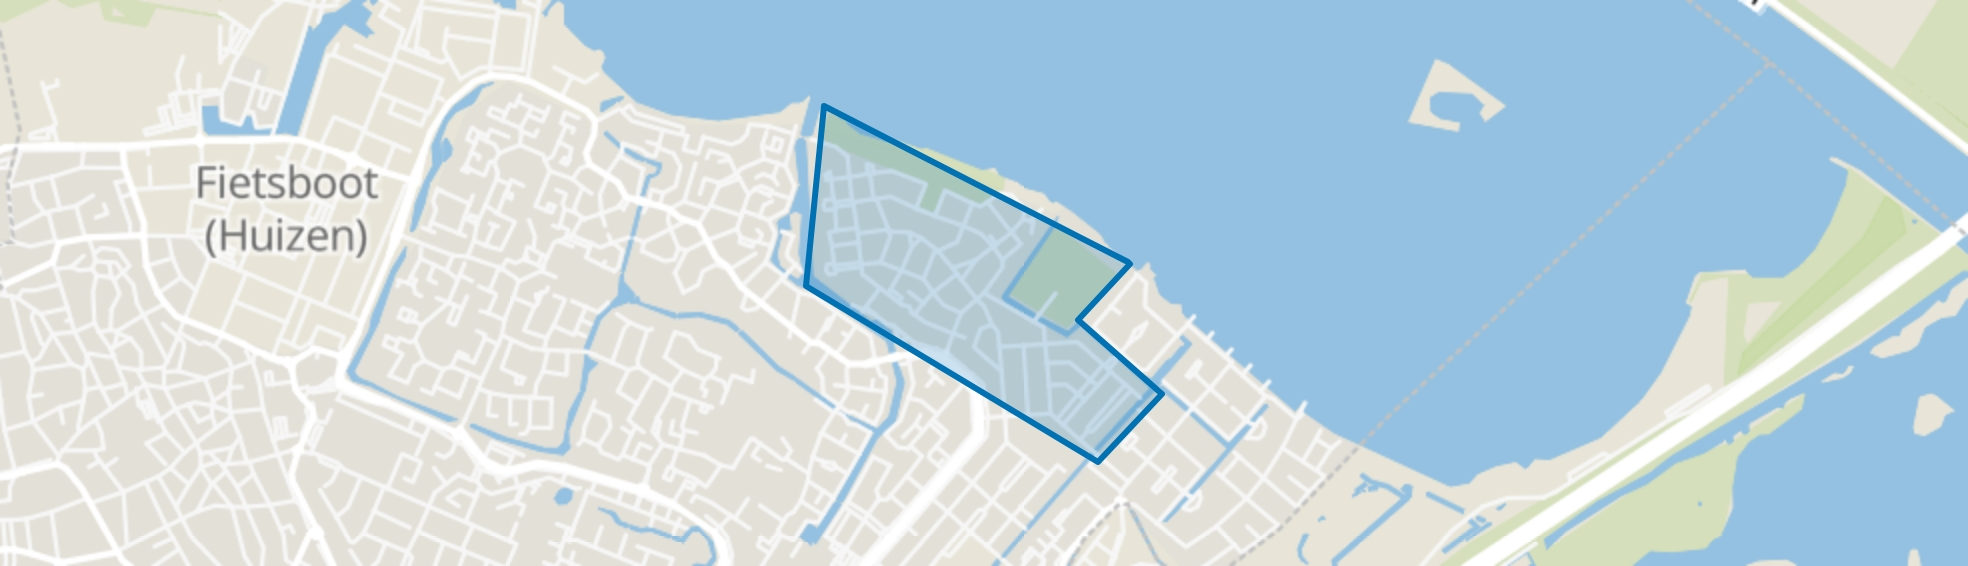 Bovenmaat Noord, Huizen map